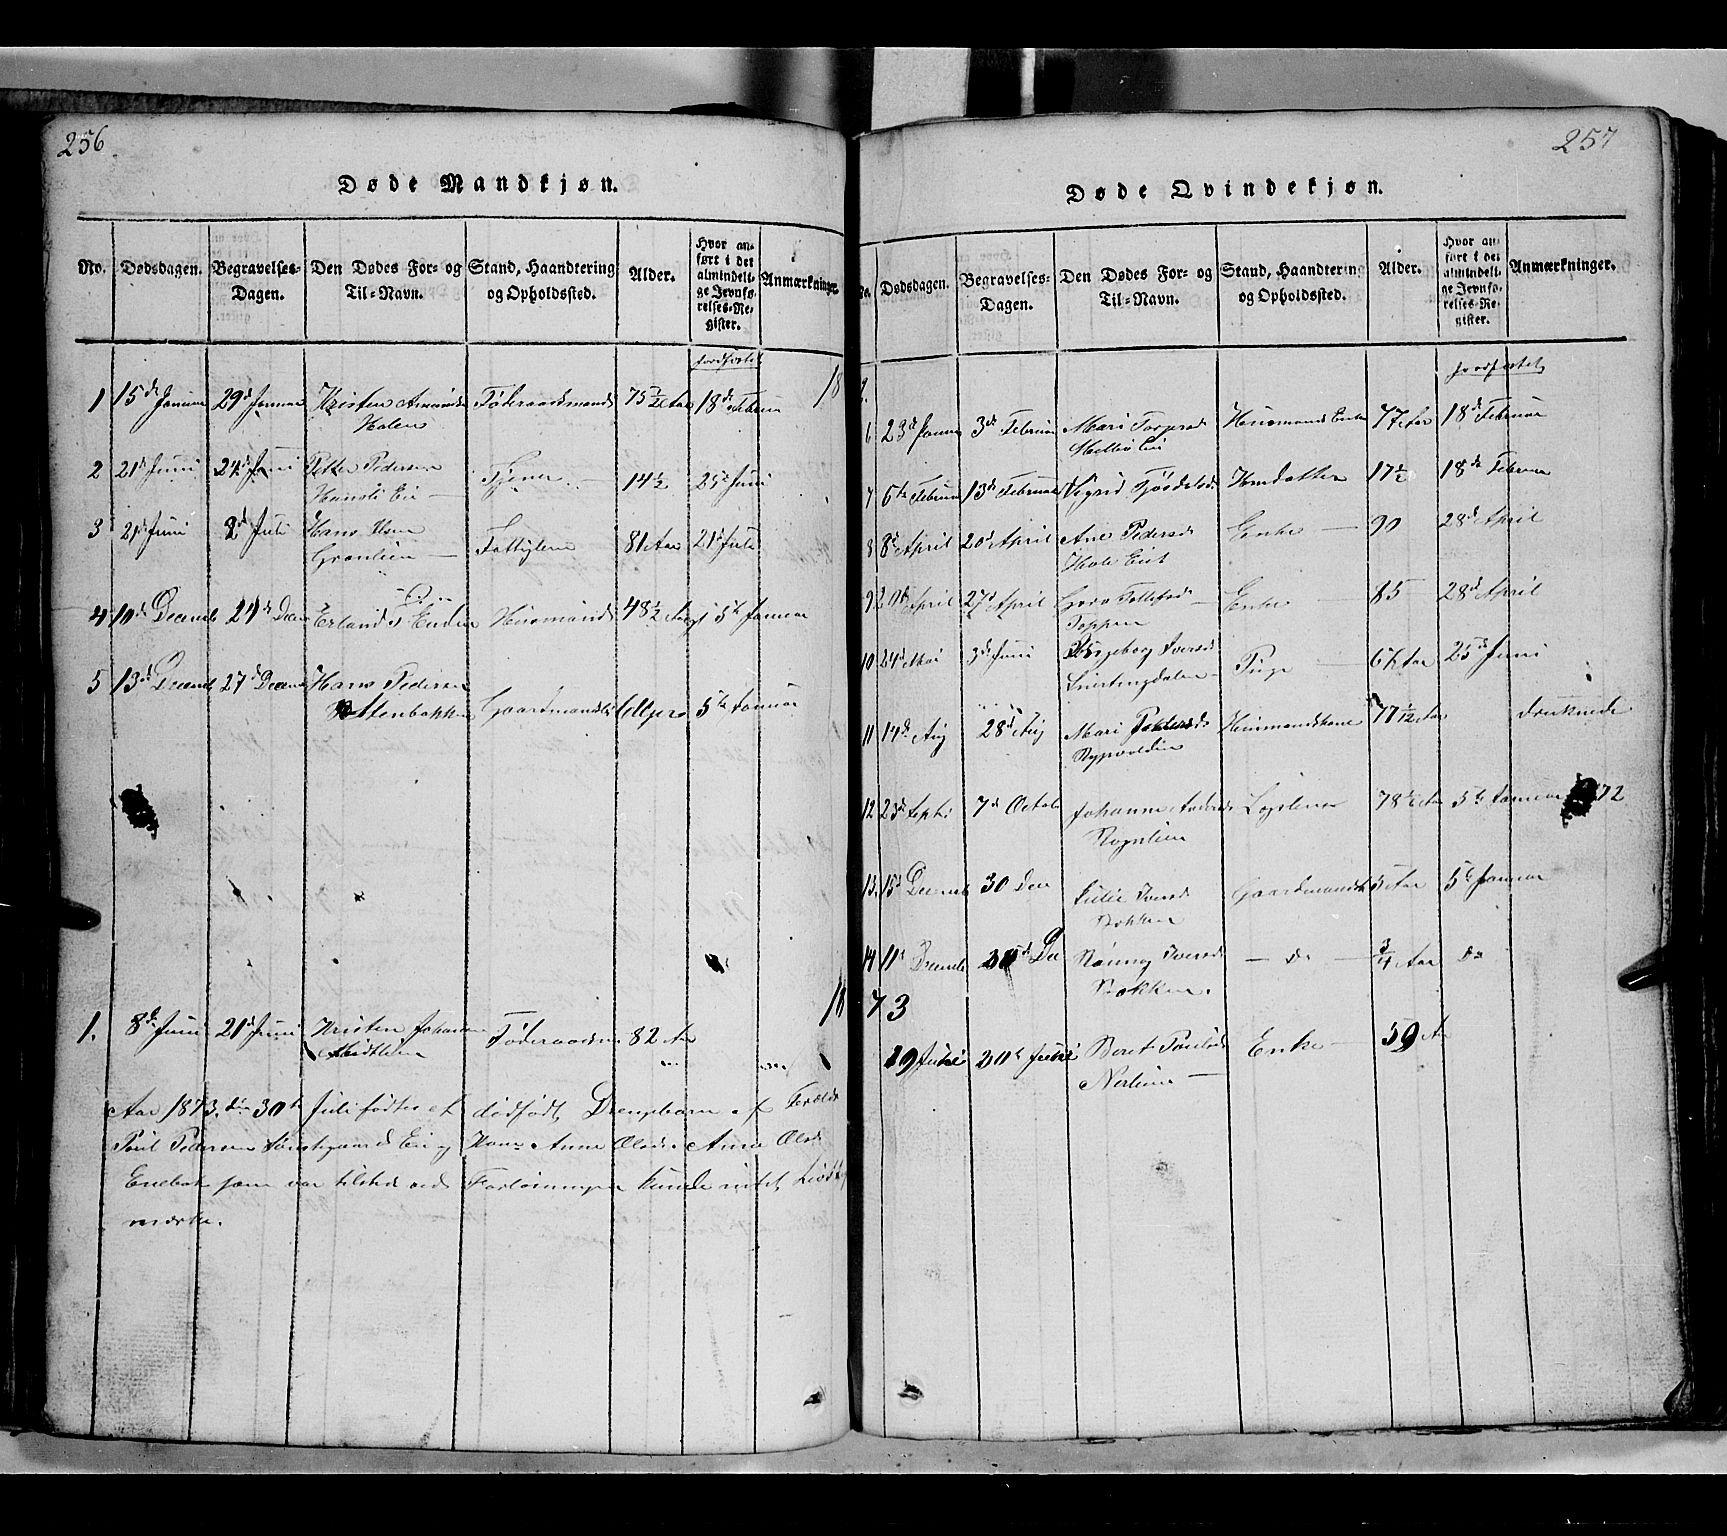 SAH, Gausdal prestekontor, Klokkerbok nr. 2, 1818-1874, s. 256-257